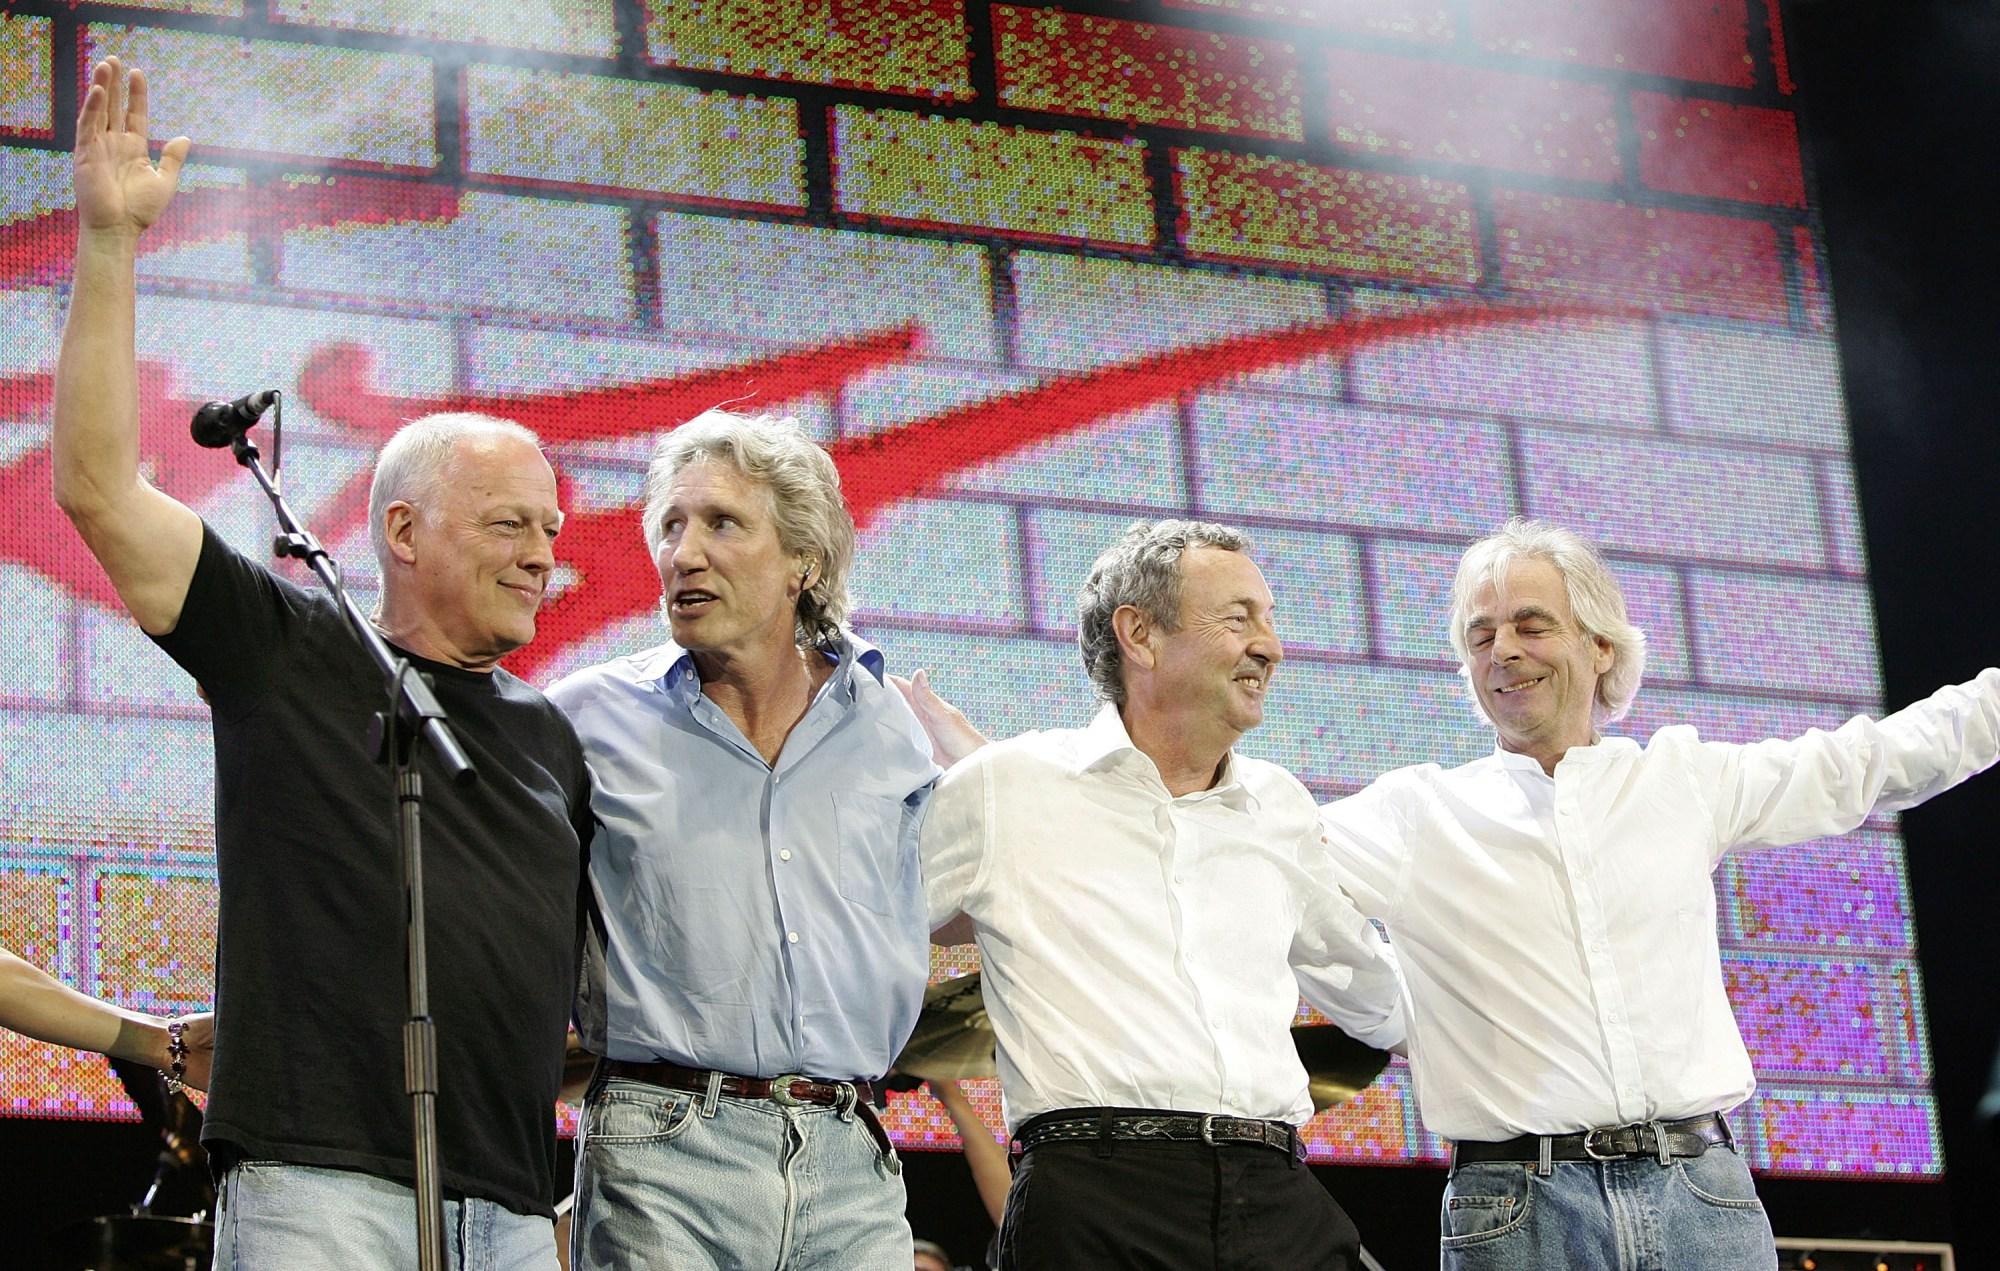 Domenica 27 dicembre, al Palazzo del Parco, tanti eventi ispirati alla band inglese e un concerto con tribute band